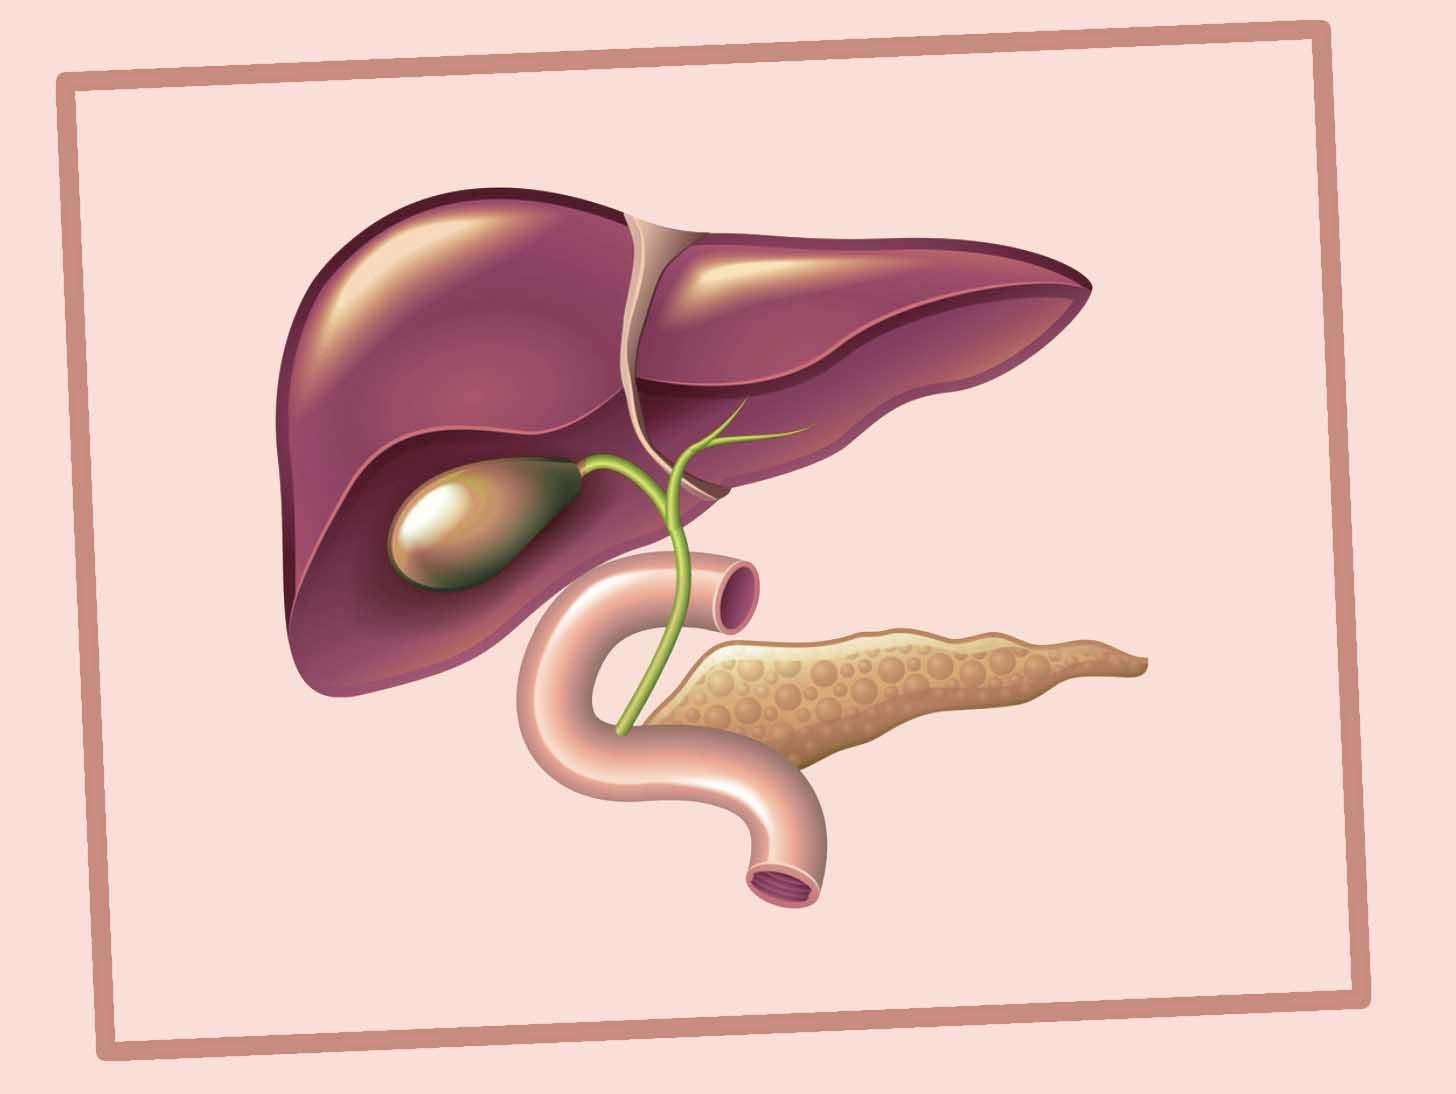 дискинезия желчевыводящих путей симптомы и лечение у взрослых